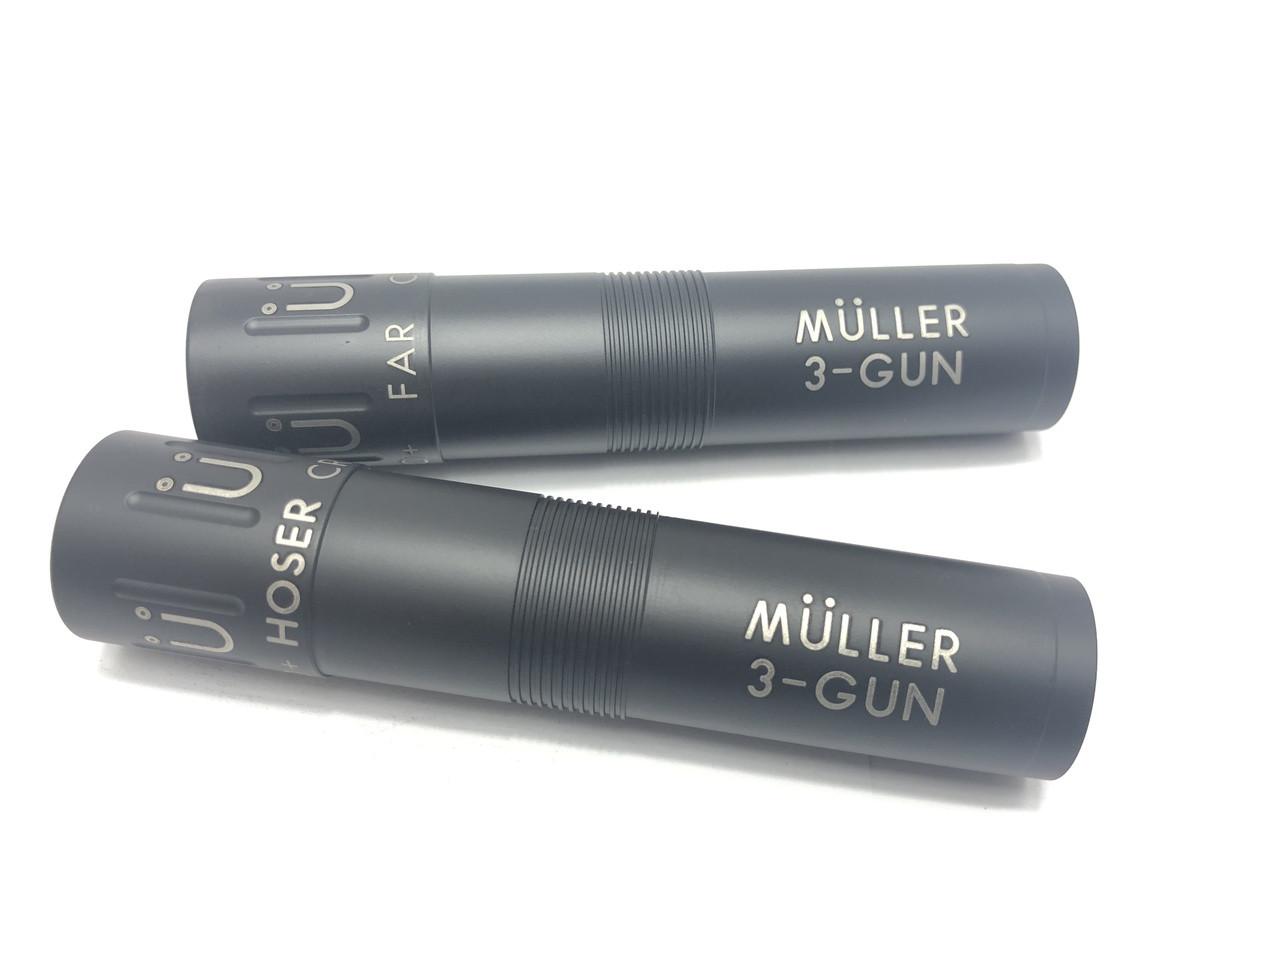 Muller 3-Gun Choke Tubes